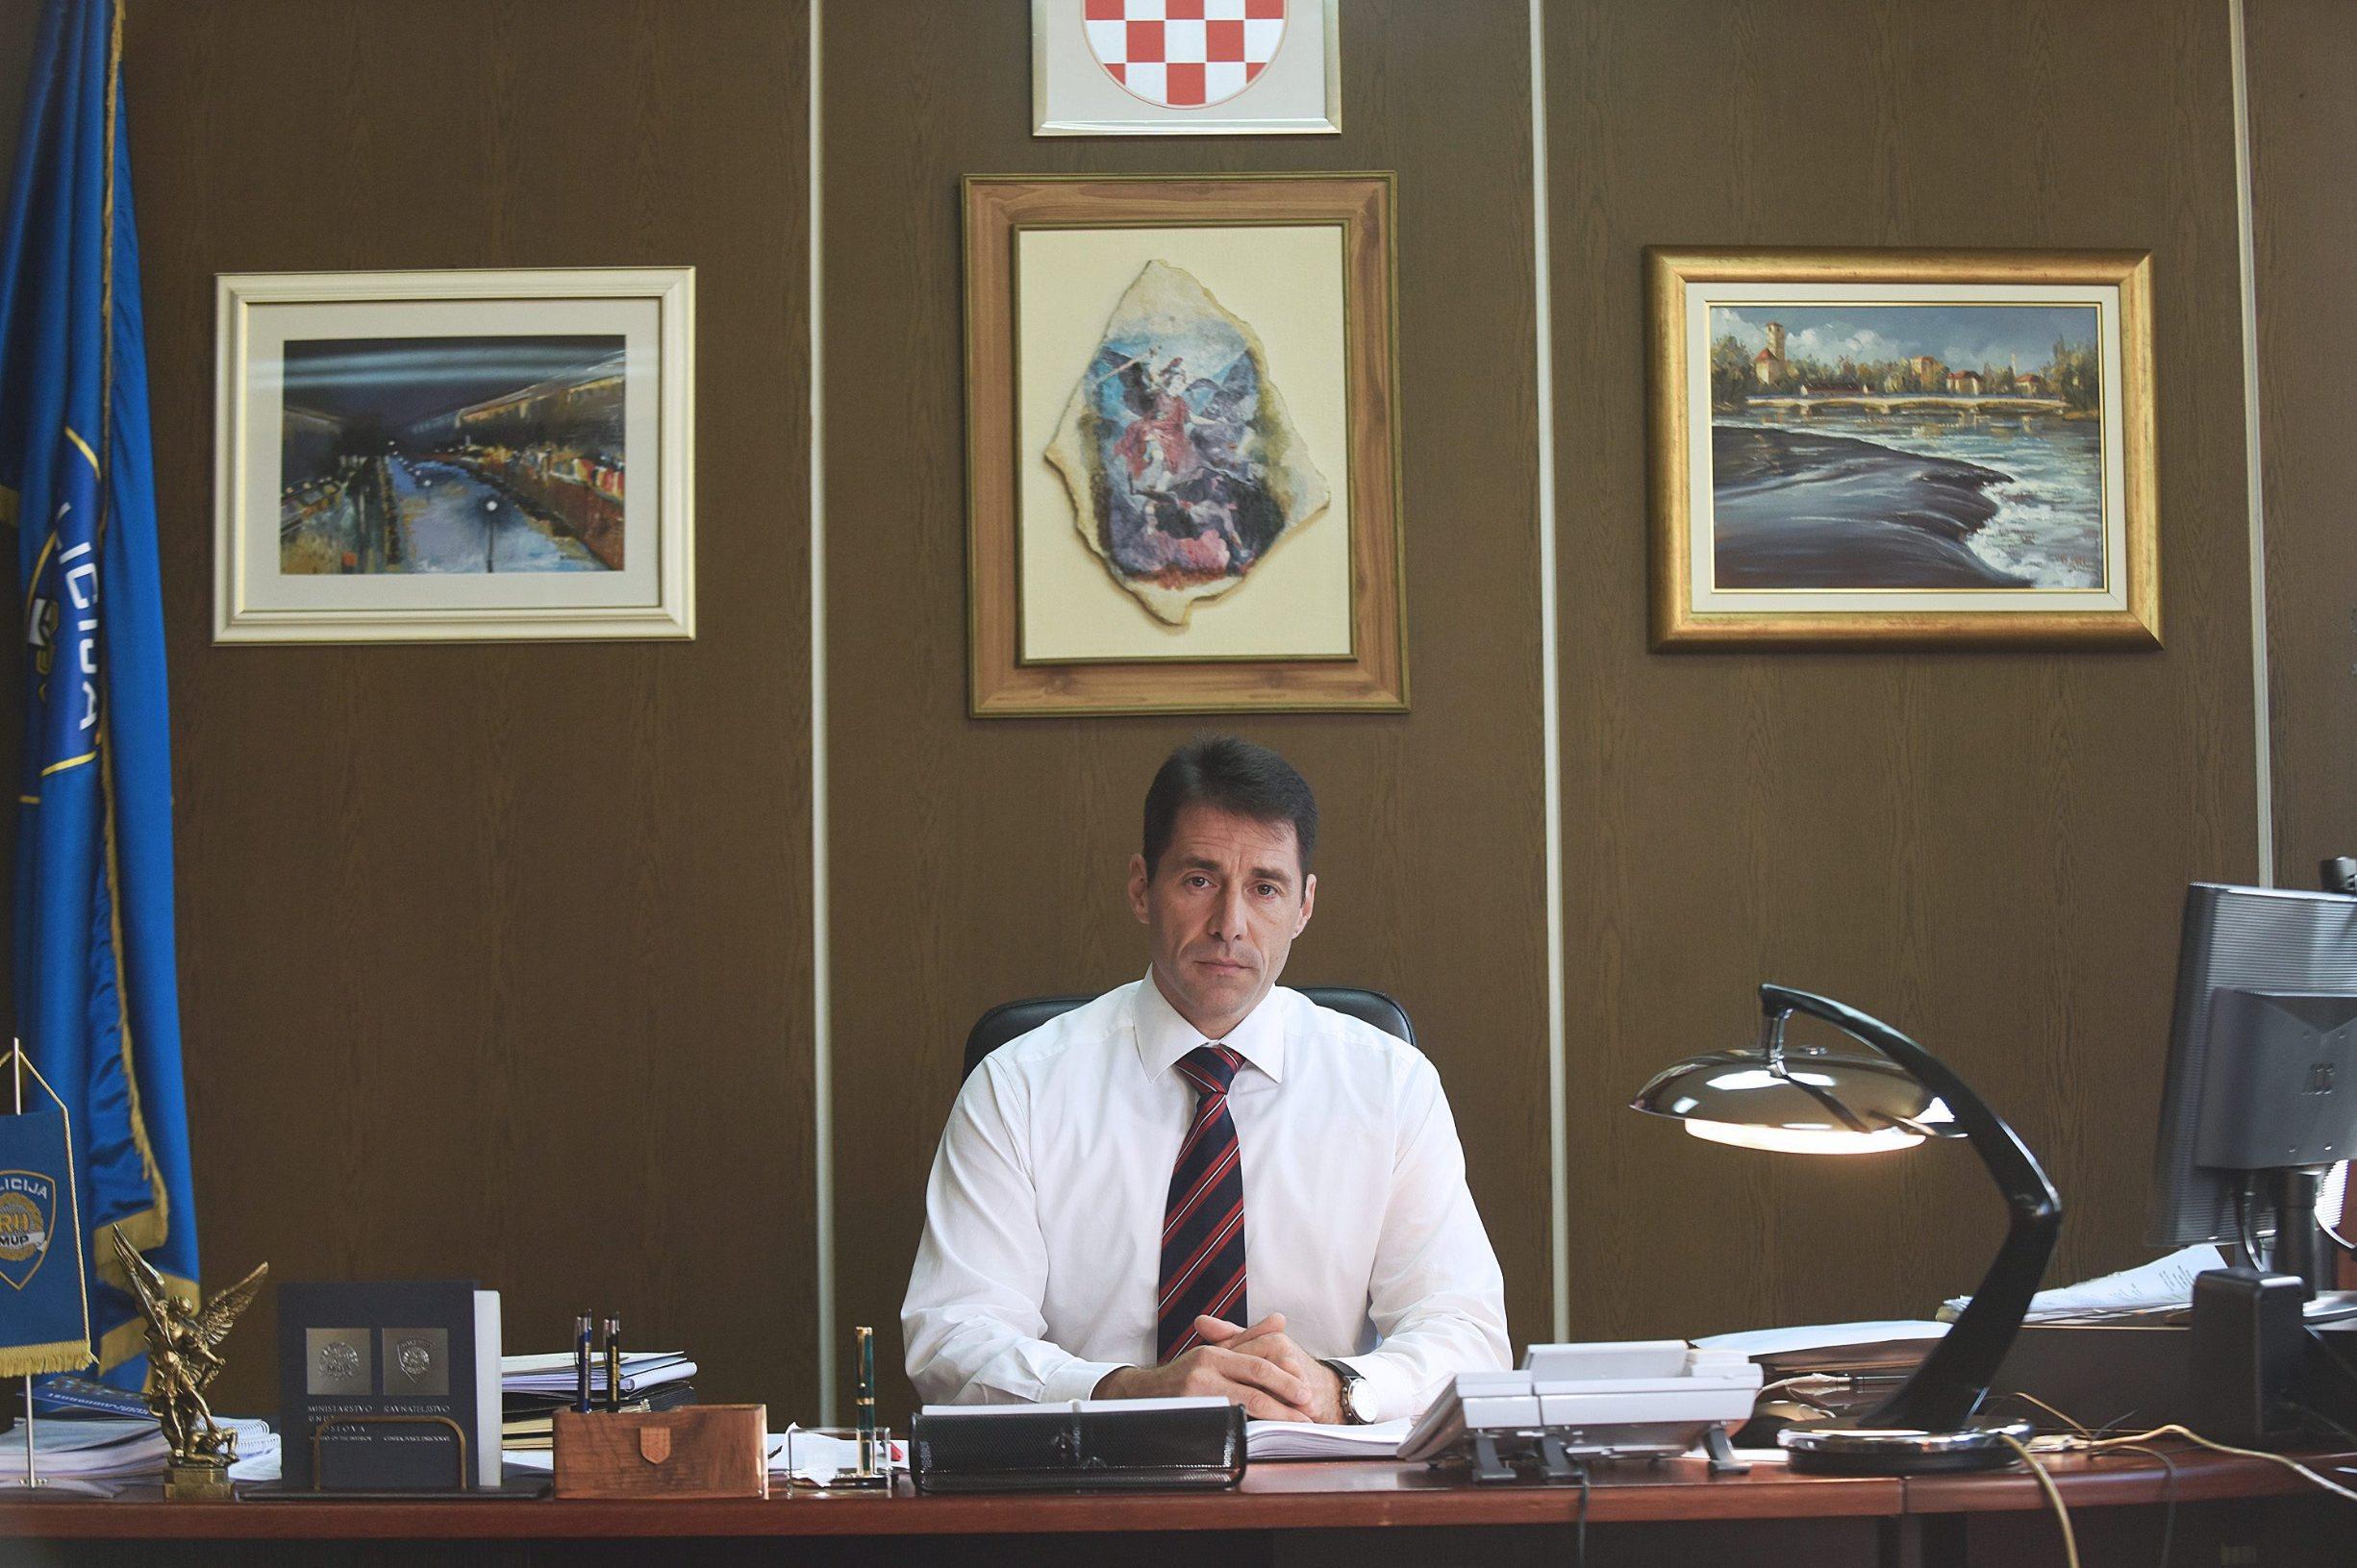 """Nakon što je snimka procurila u javnost tvrdilo se da je tadašnji zamjenik ravnatelja policije Josip Ćelić (na fotografiji) svojim položajem utjecao na """"bunkeriranje"""" prijave. No, ustanovilo se da su sami čelnici zadarske policije Ćelićev prekršaj držali u ladici"""